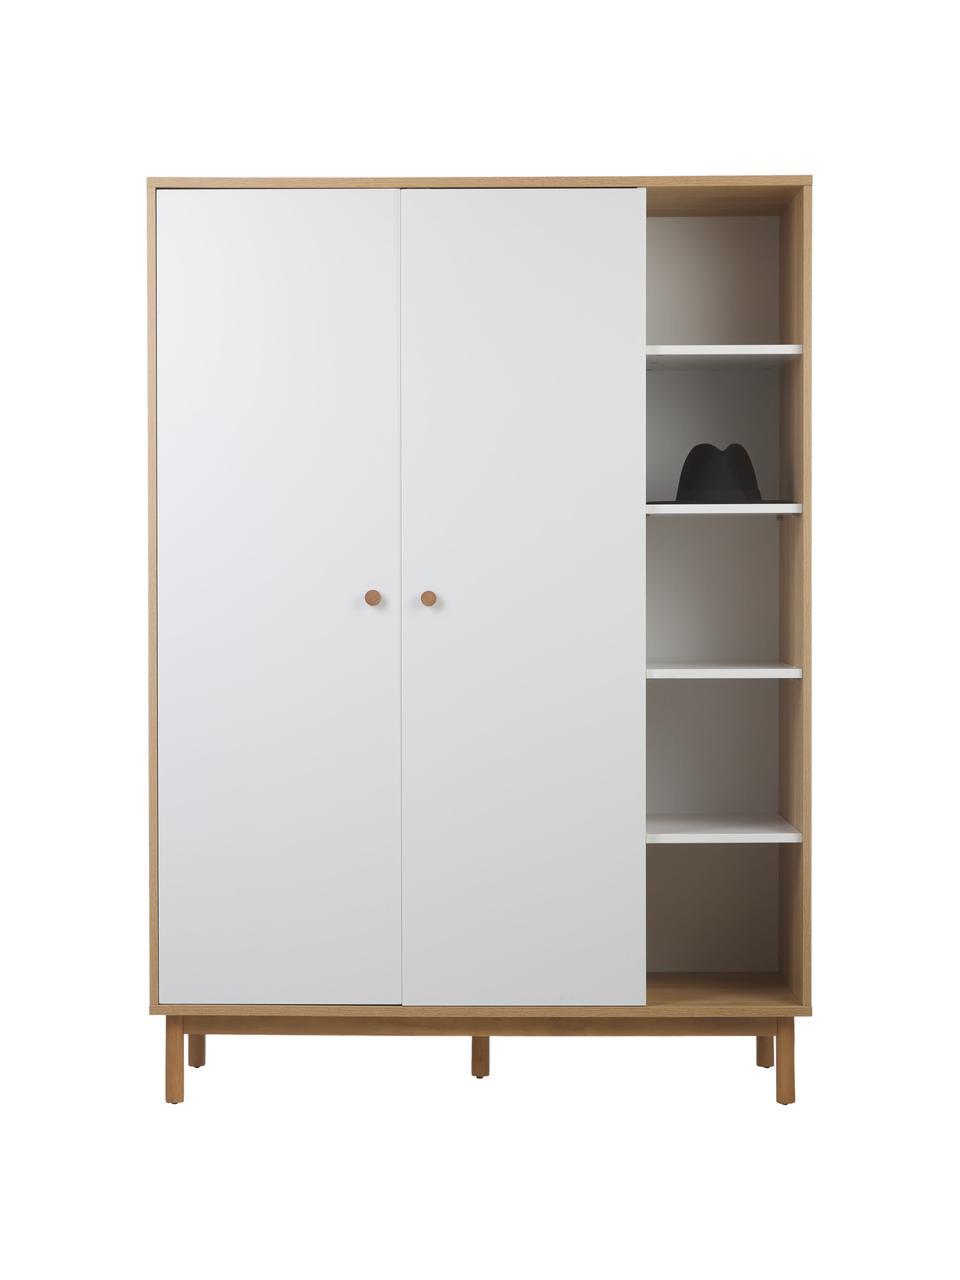 Kleiderschrank Nathan mit offenem Regal in Weiß, Korpus: Mitteldichte Holzfaserpla, Weiß, 133 x 186 cm